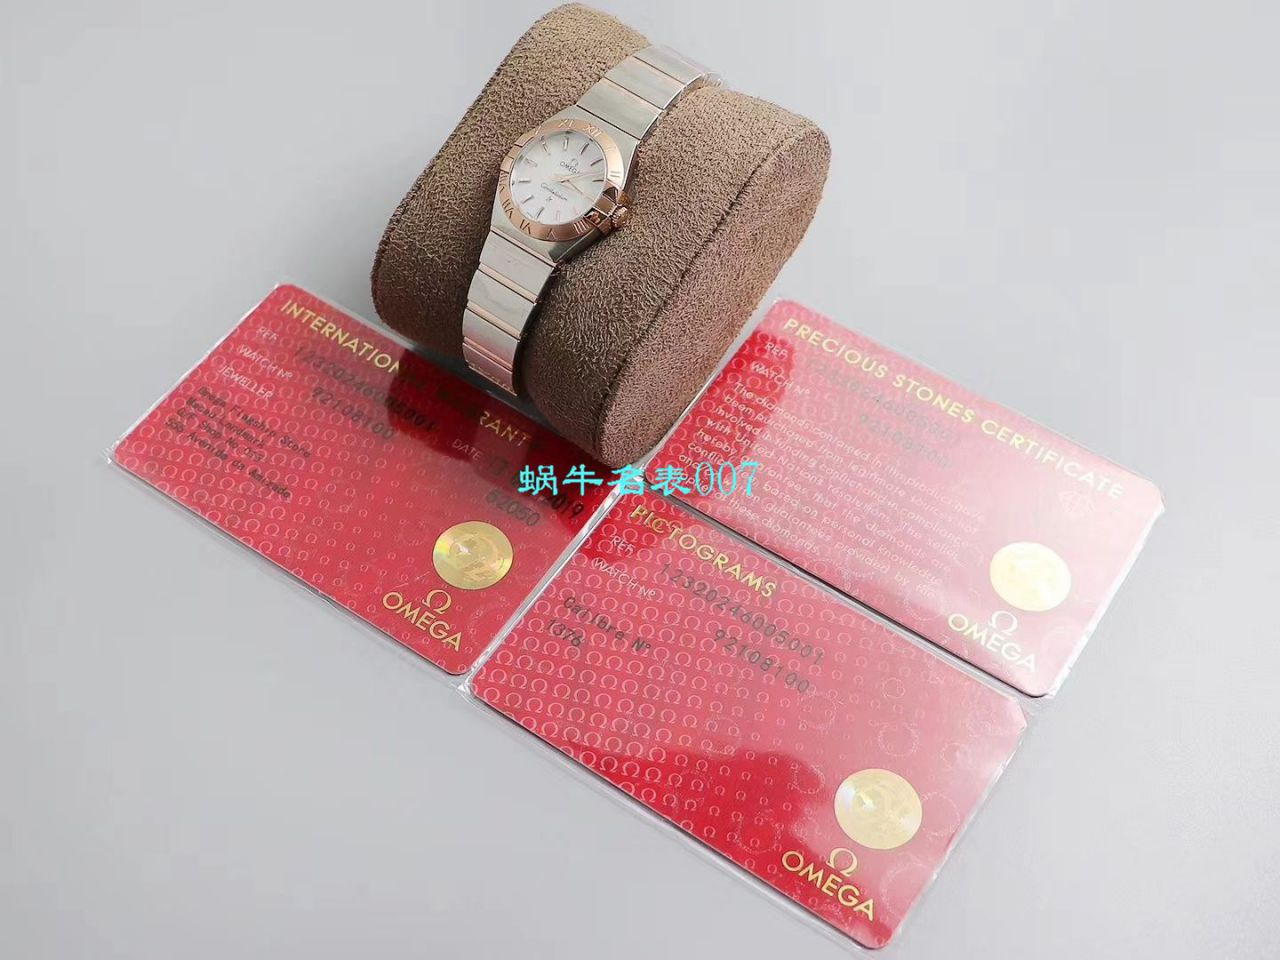 【8848厂官网复刻表】欧米茄女装星座小号24/27mm 超级版本2粒南非真钻镶嵌字面 / M661